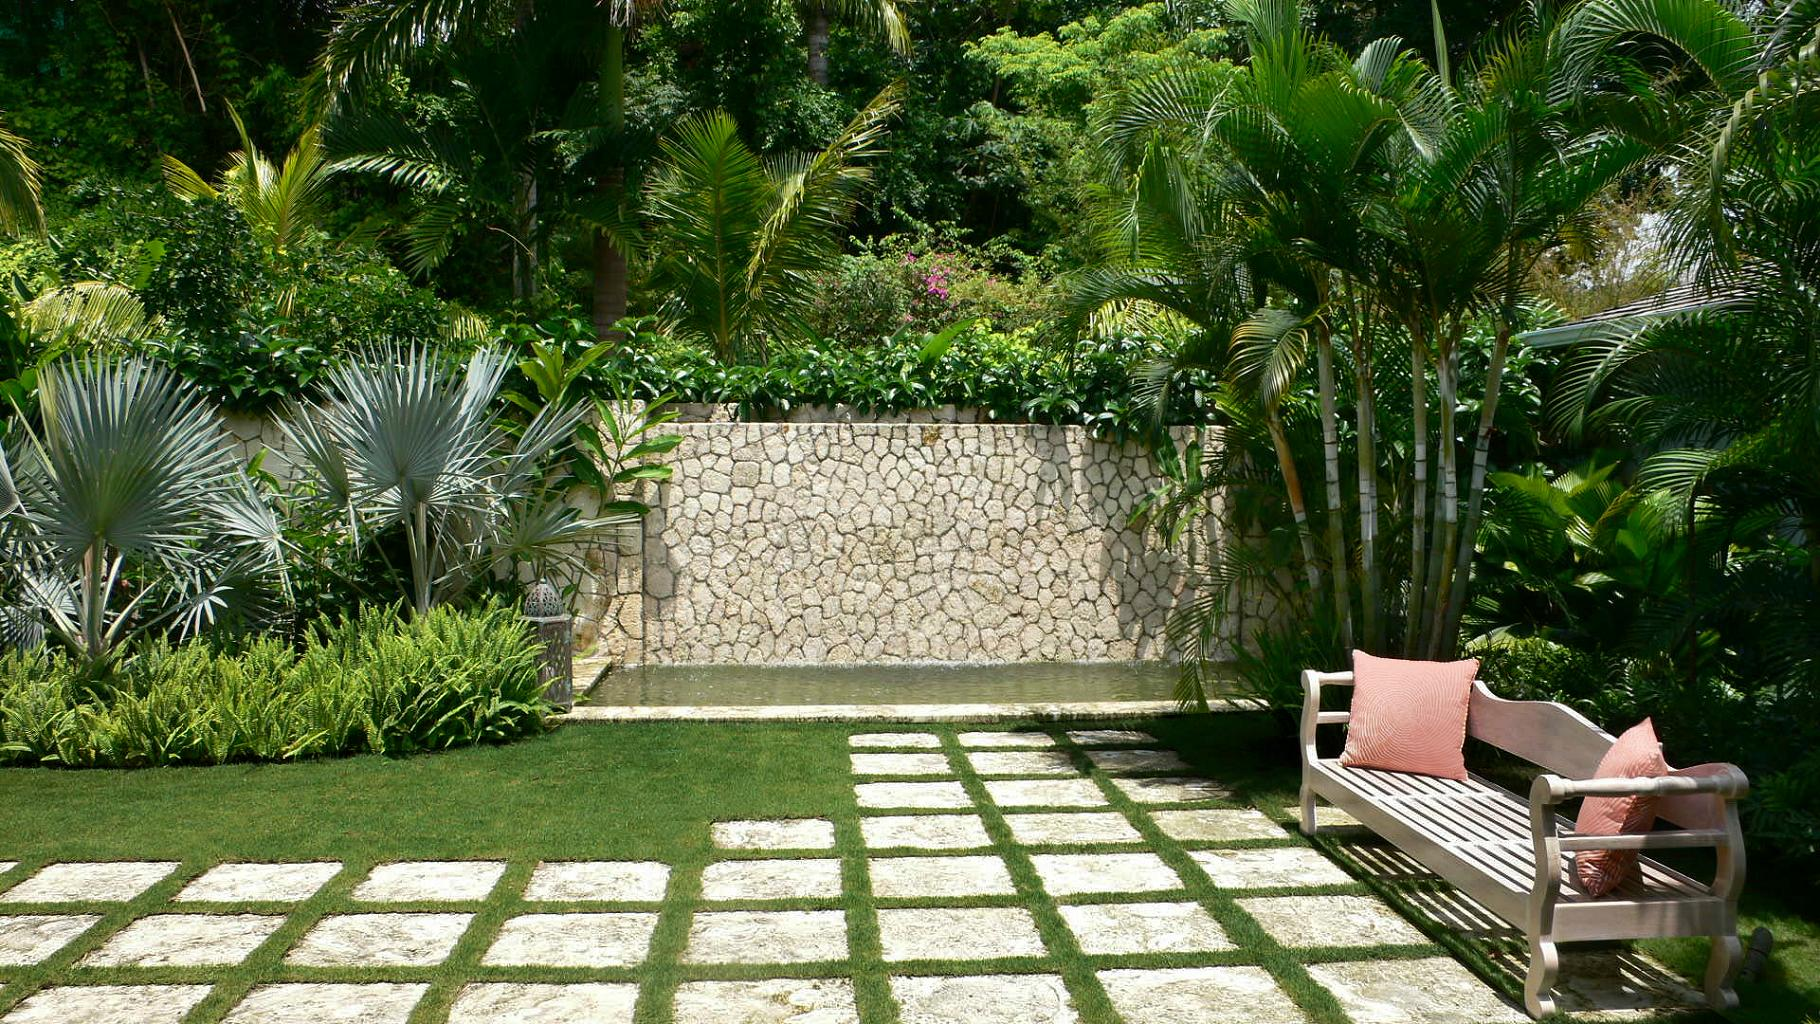 contemporary garden design ideas photos photo - 9